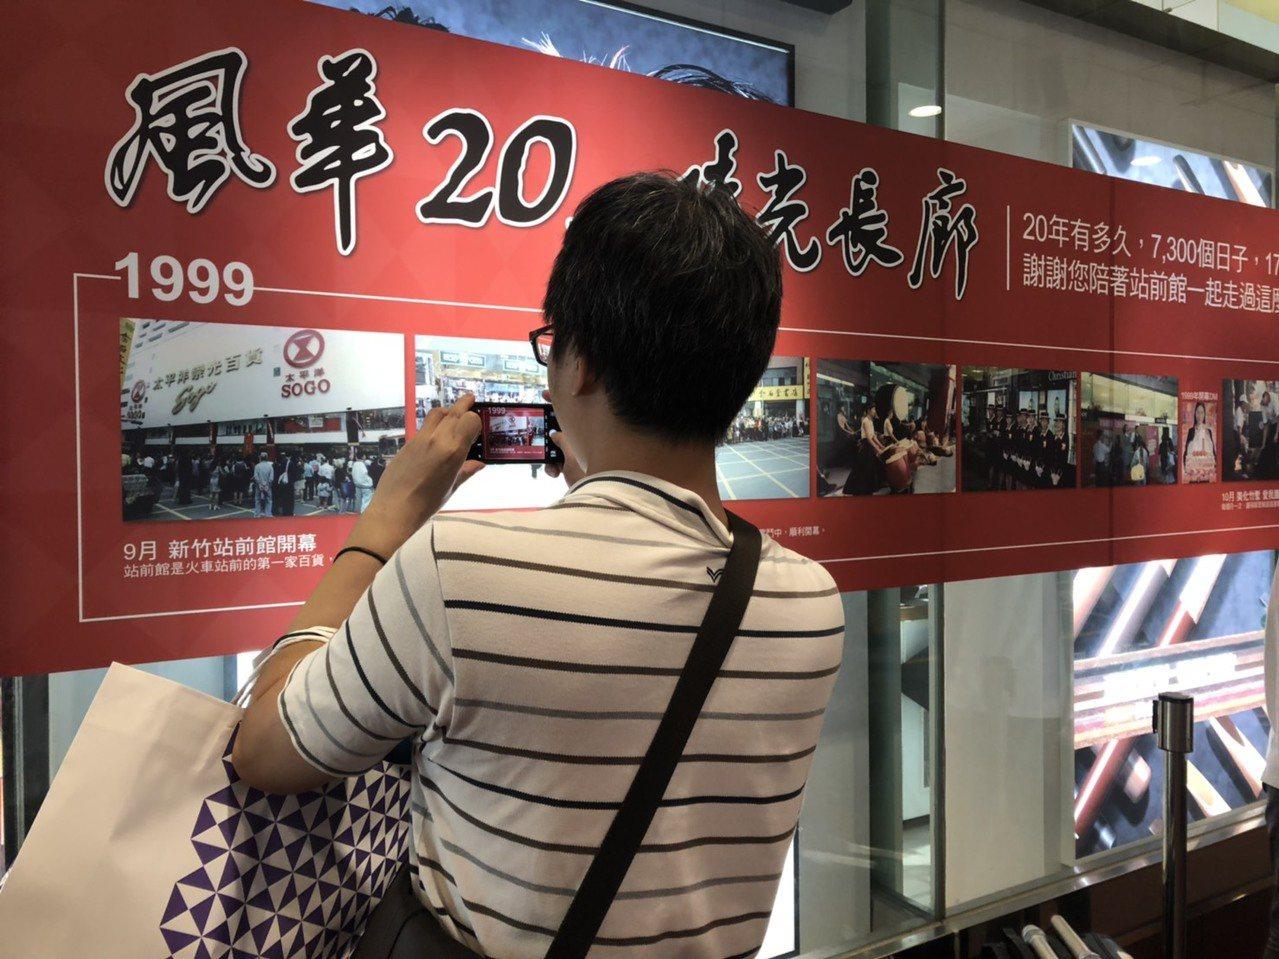 記者前往現場,有民眾把握時間加緊採購特價商品,也有人拿著手機四處拍照,希望保留百...